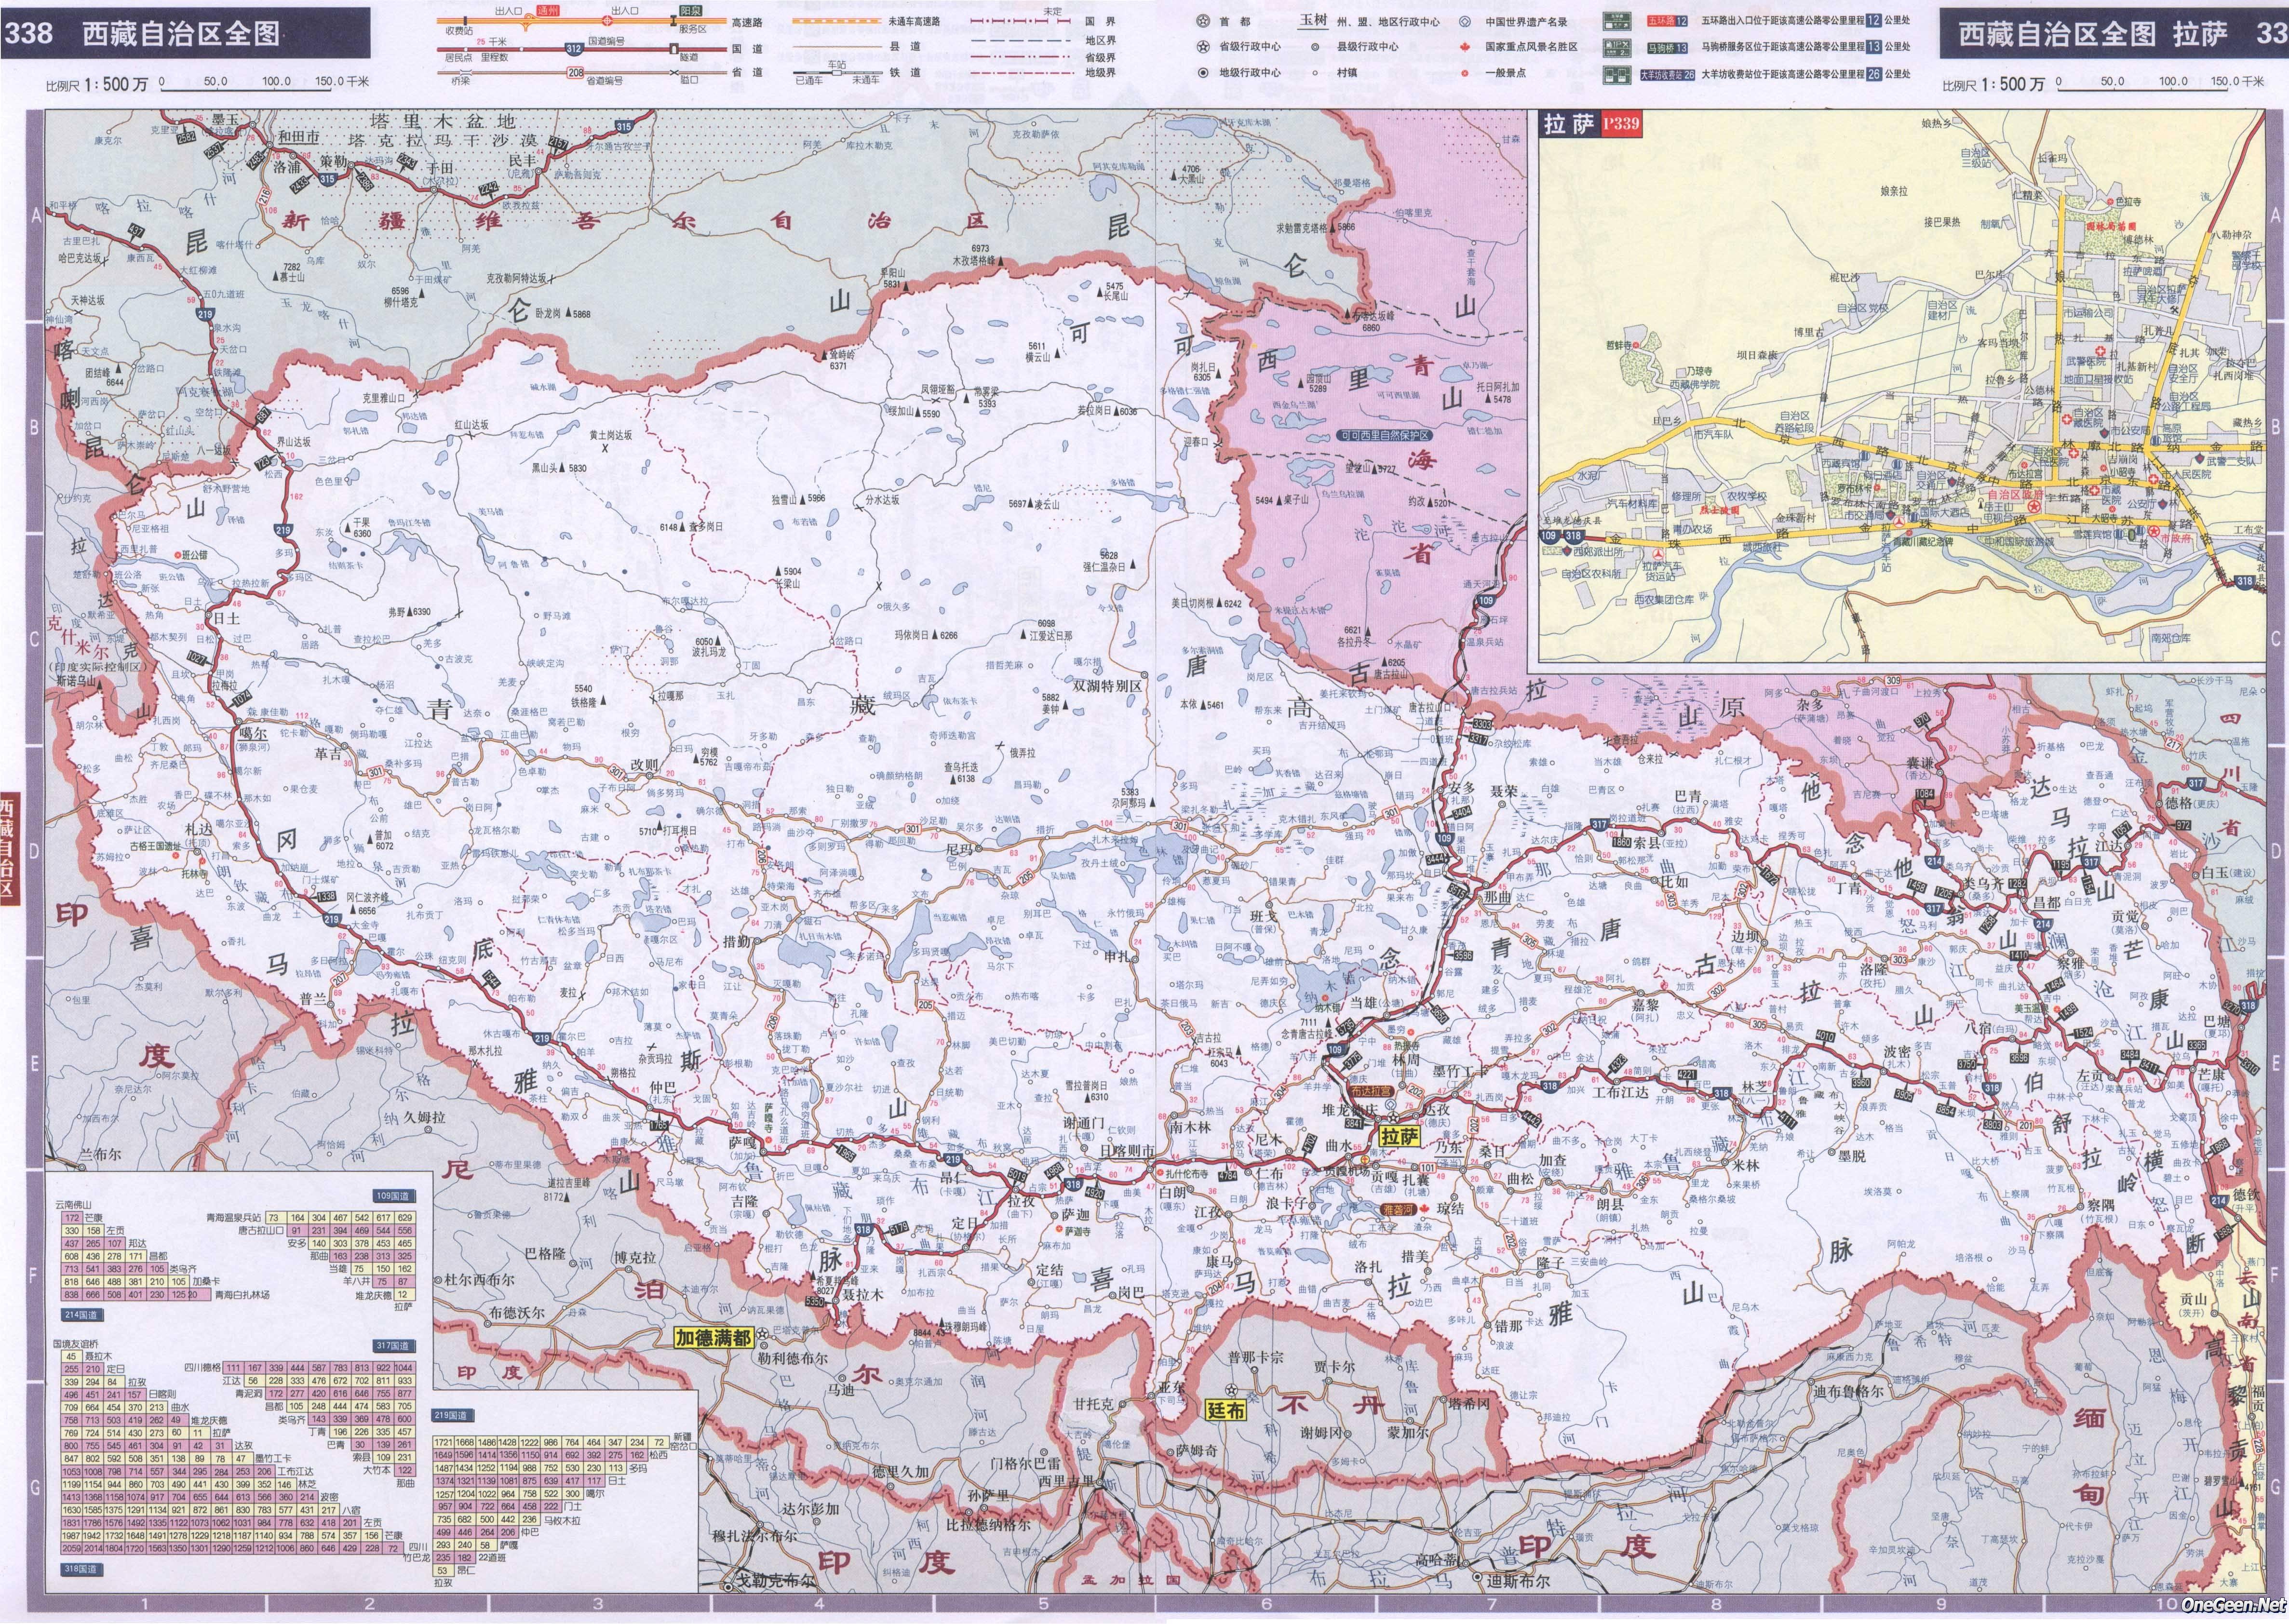 西藏交通地图全图